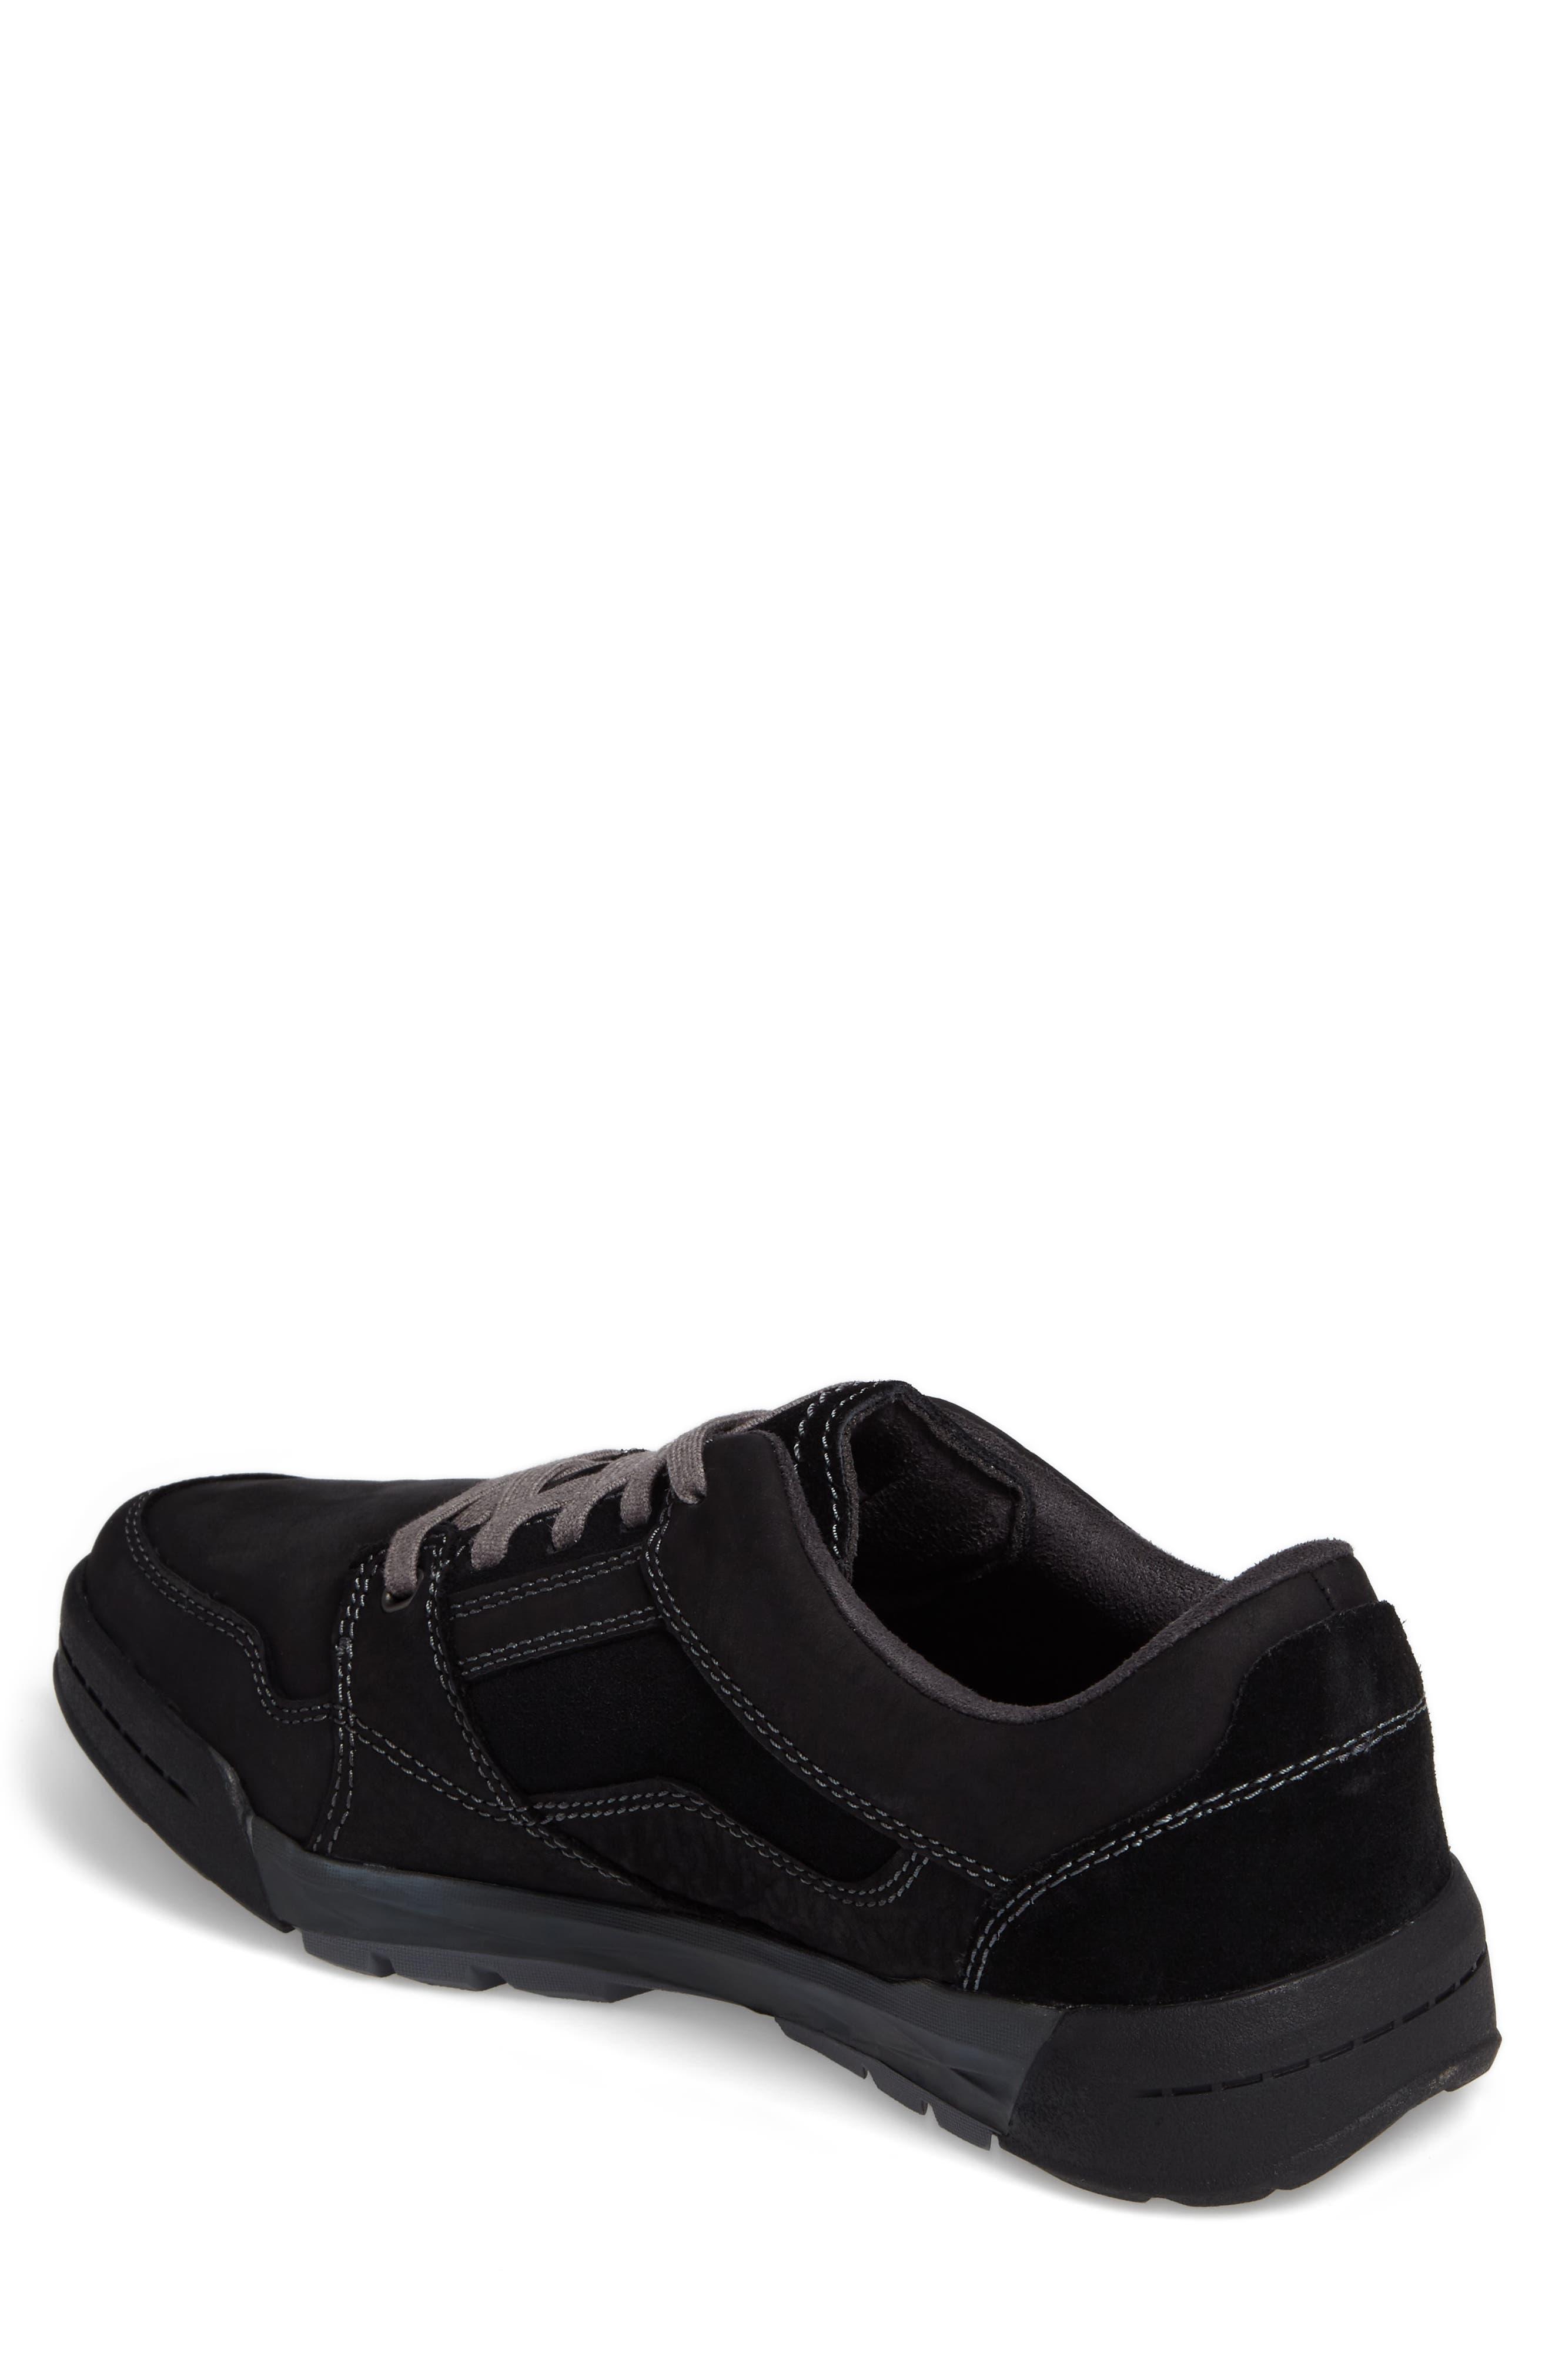 Alternate Image 2  - Merrell Berner Sneaker (Men)